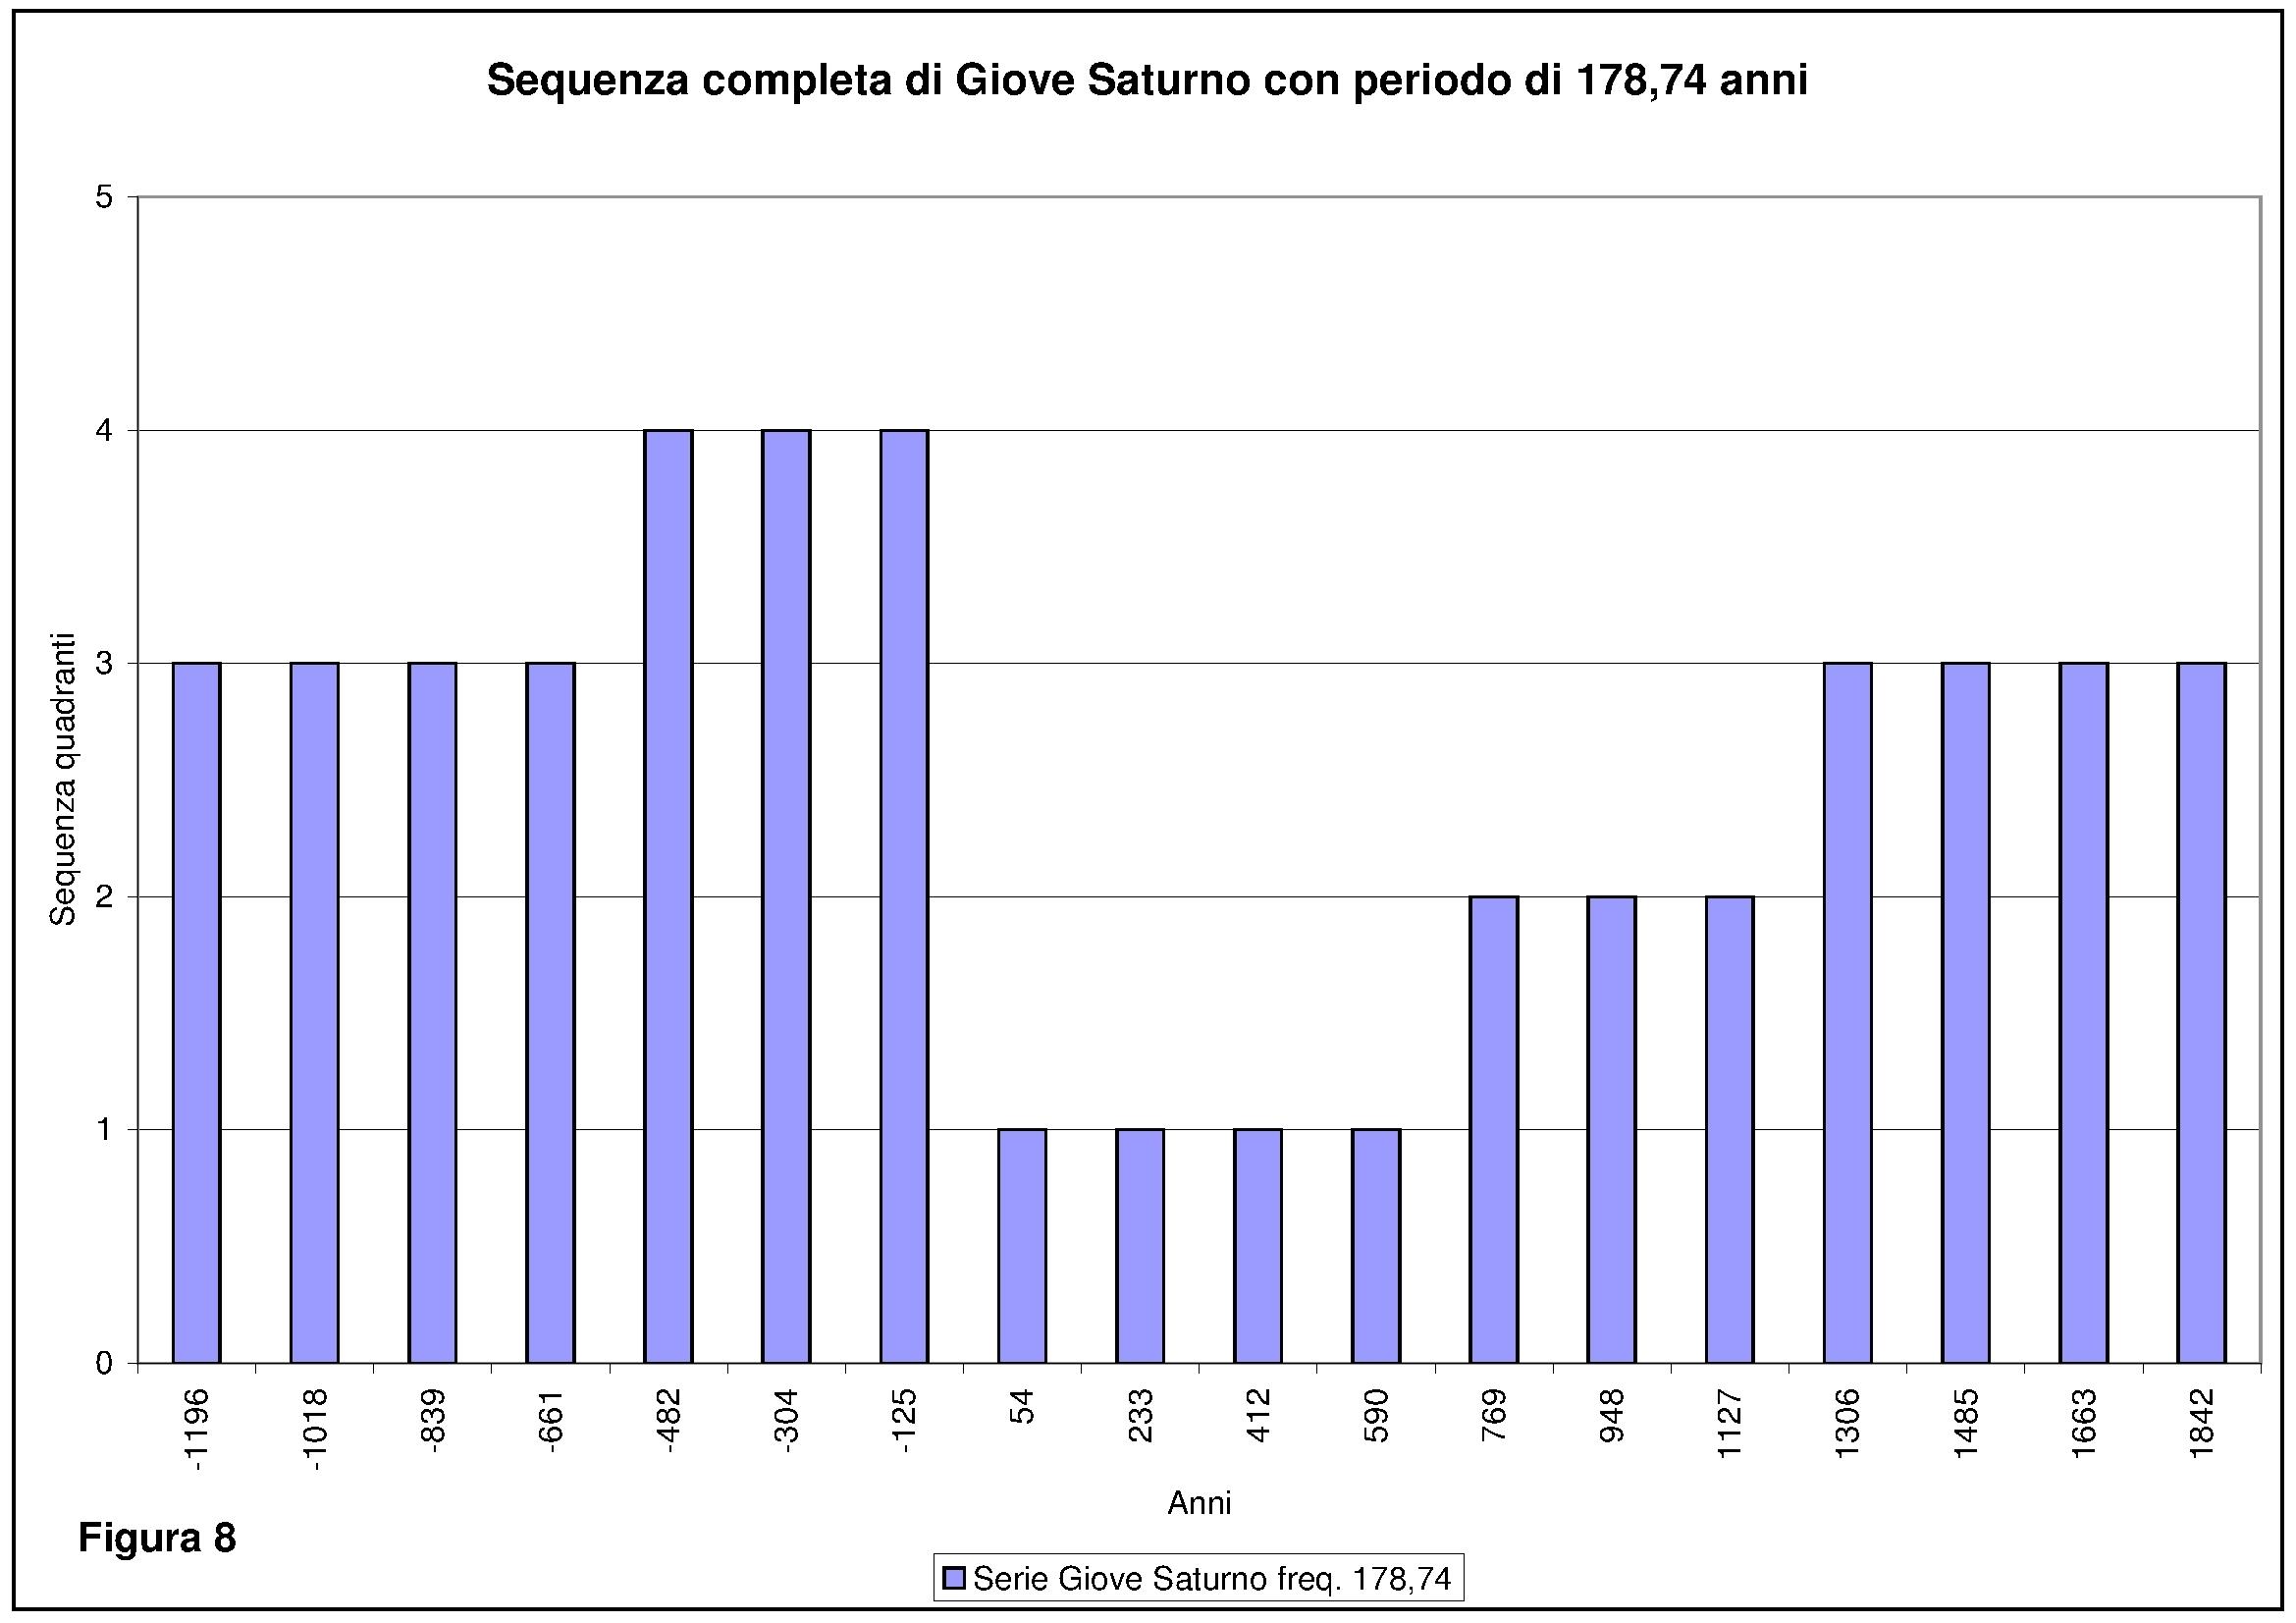 08_Sequenza giove saturno 178 anni